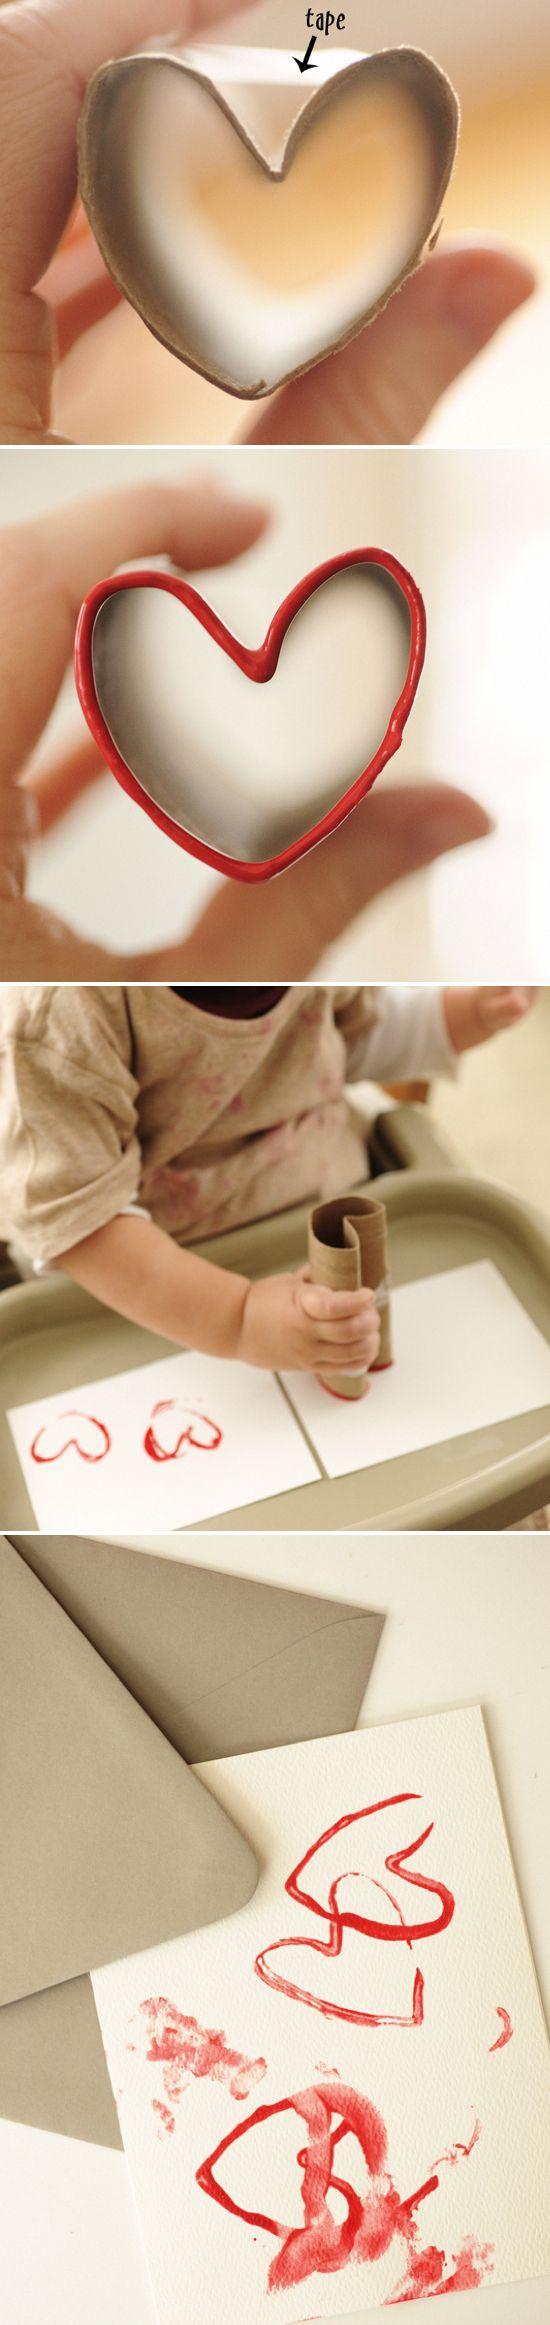 On peint avec les mains pour la Saint-Valentin! 10 nouveaux modèles! - Idées Cadeaux - Des idées cadeaux fantastiques pour n'importe quelle occasion - Trucs et Bricolages - Fallait y penser !